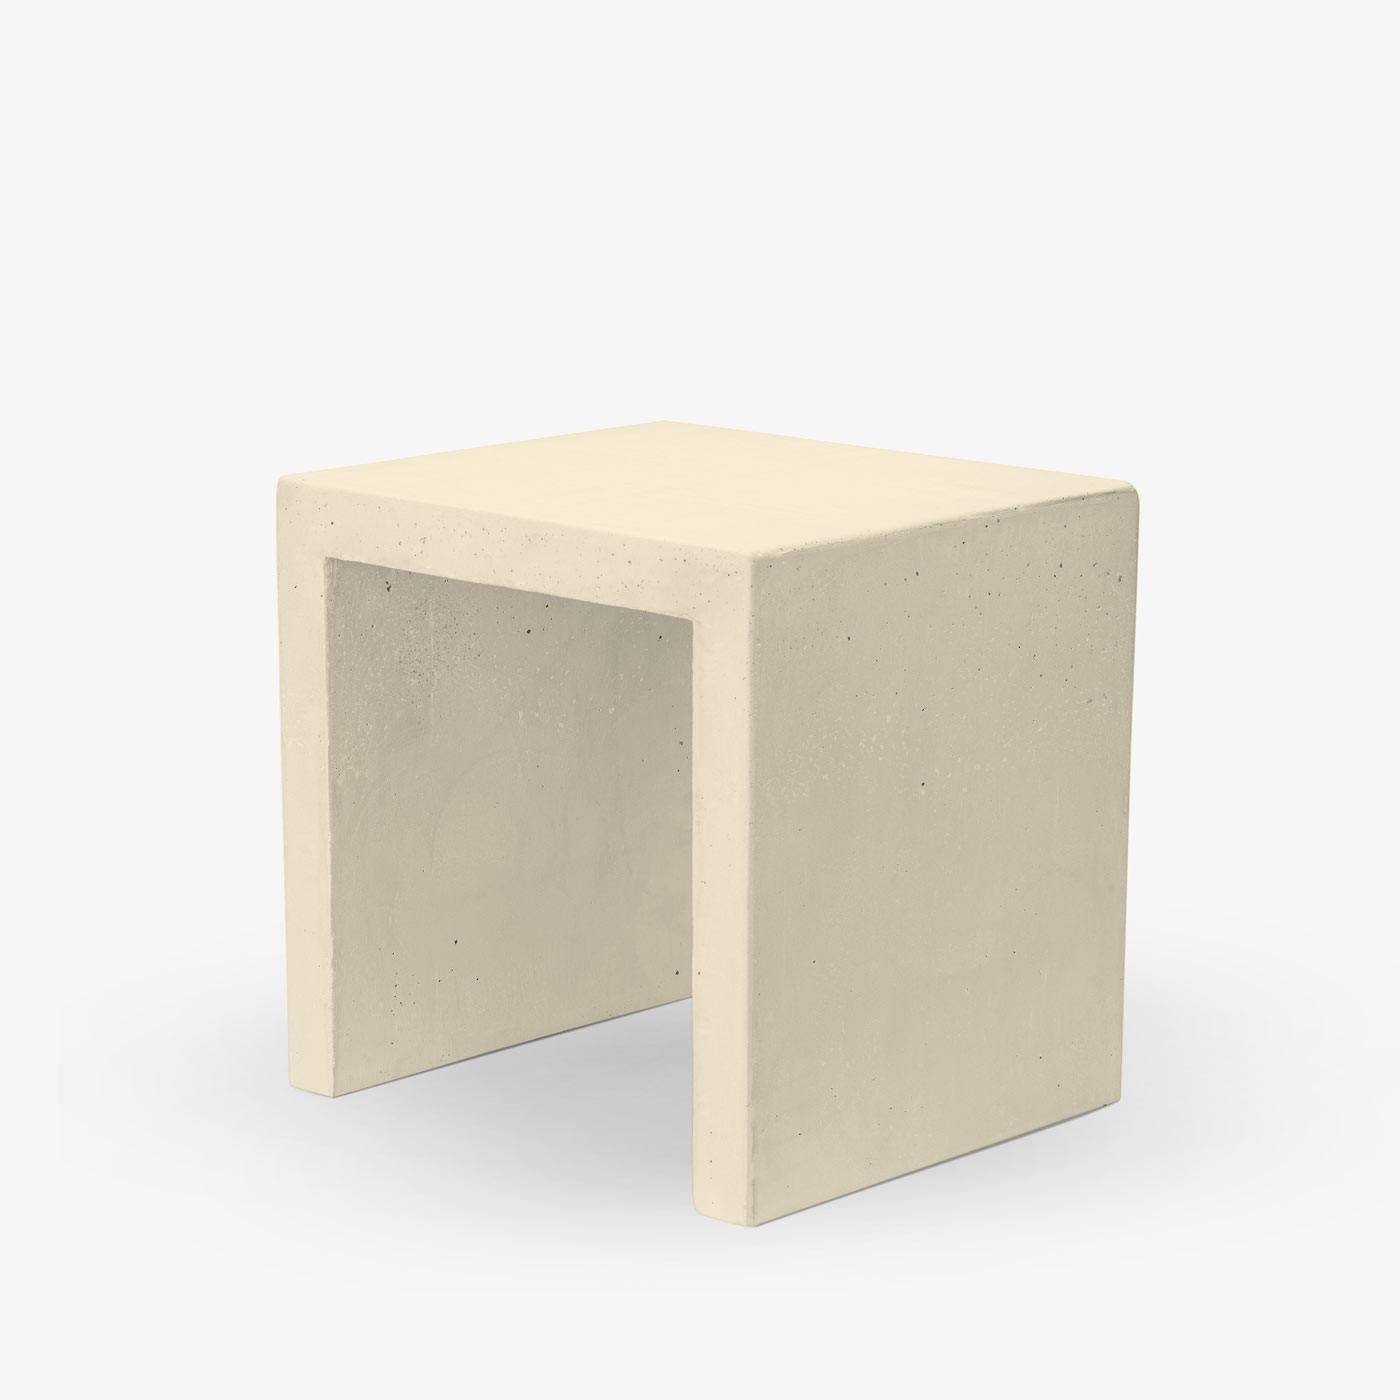 Couchtisch Smooth 40x35x40 cm | Pastellgelb